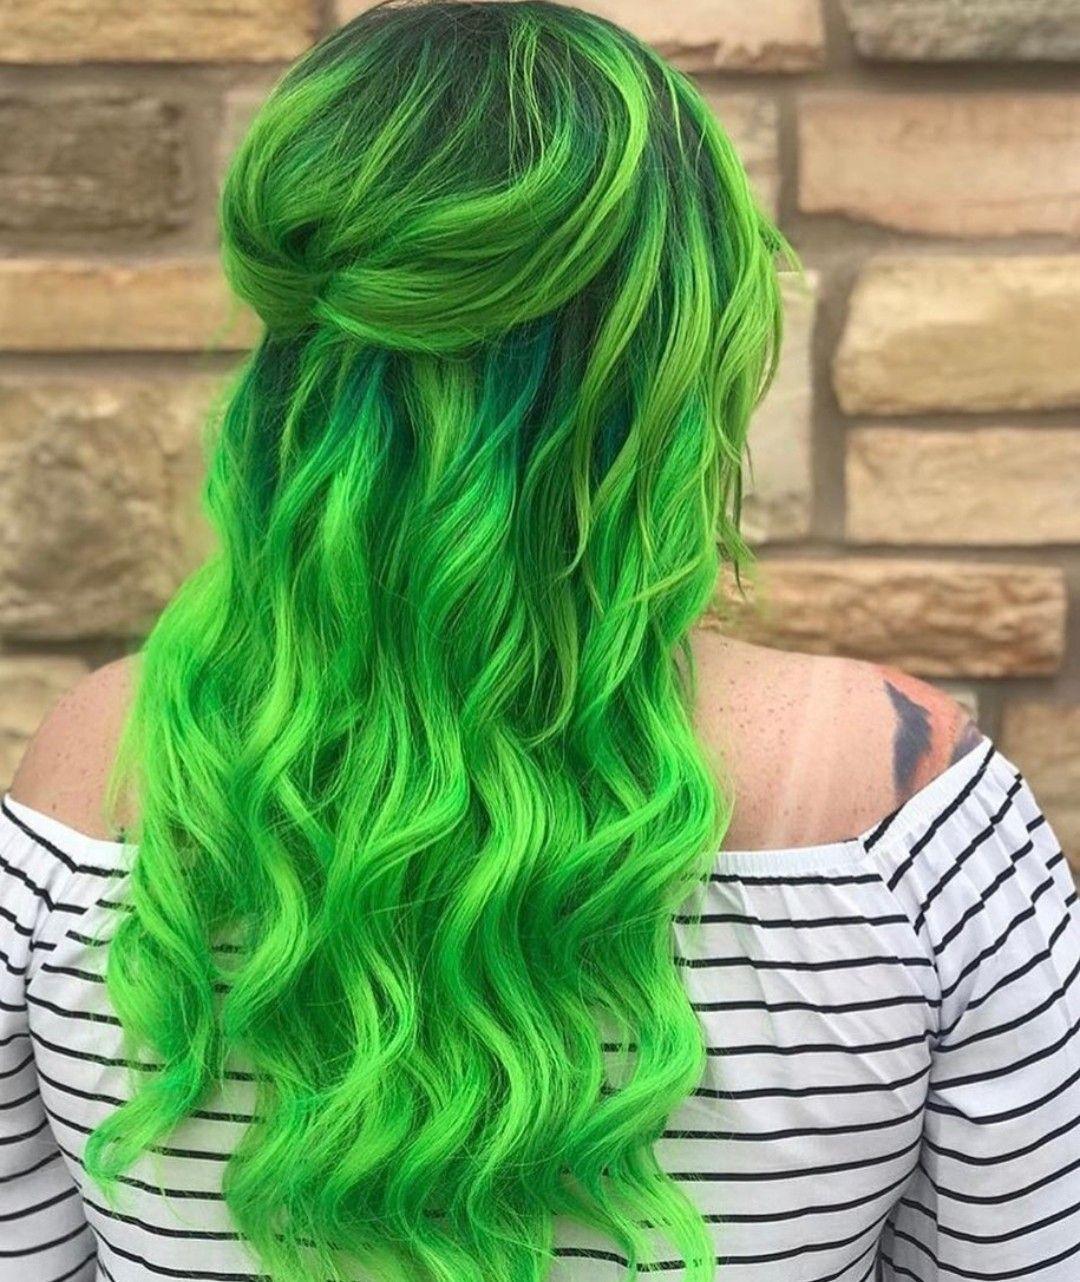 30 Glamorous Green Hair Styles Momooze Com 2: M AROSE Adl Kullan C N N HAIR Panosundaki Pin